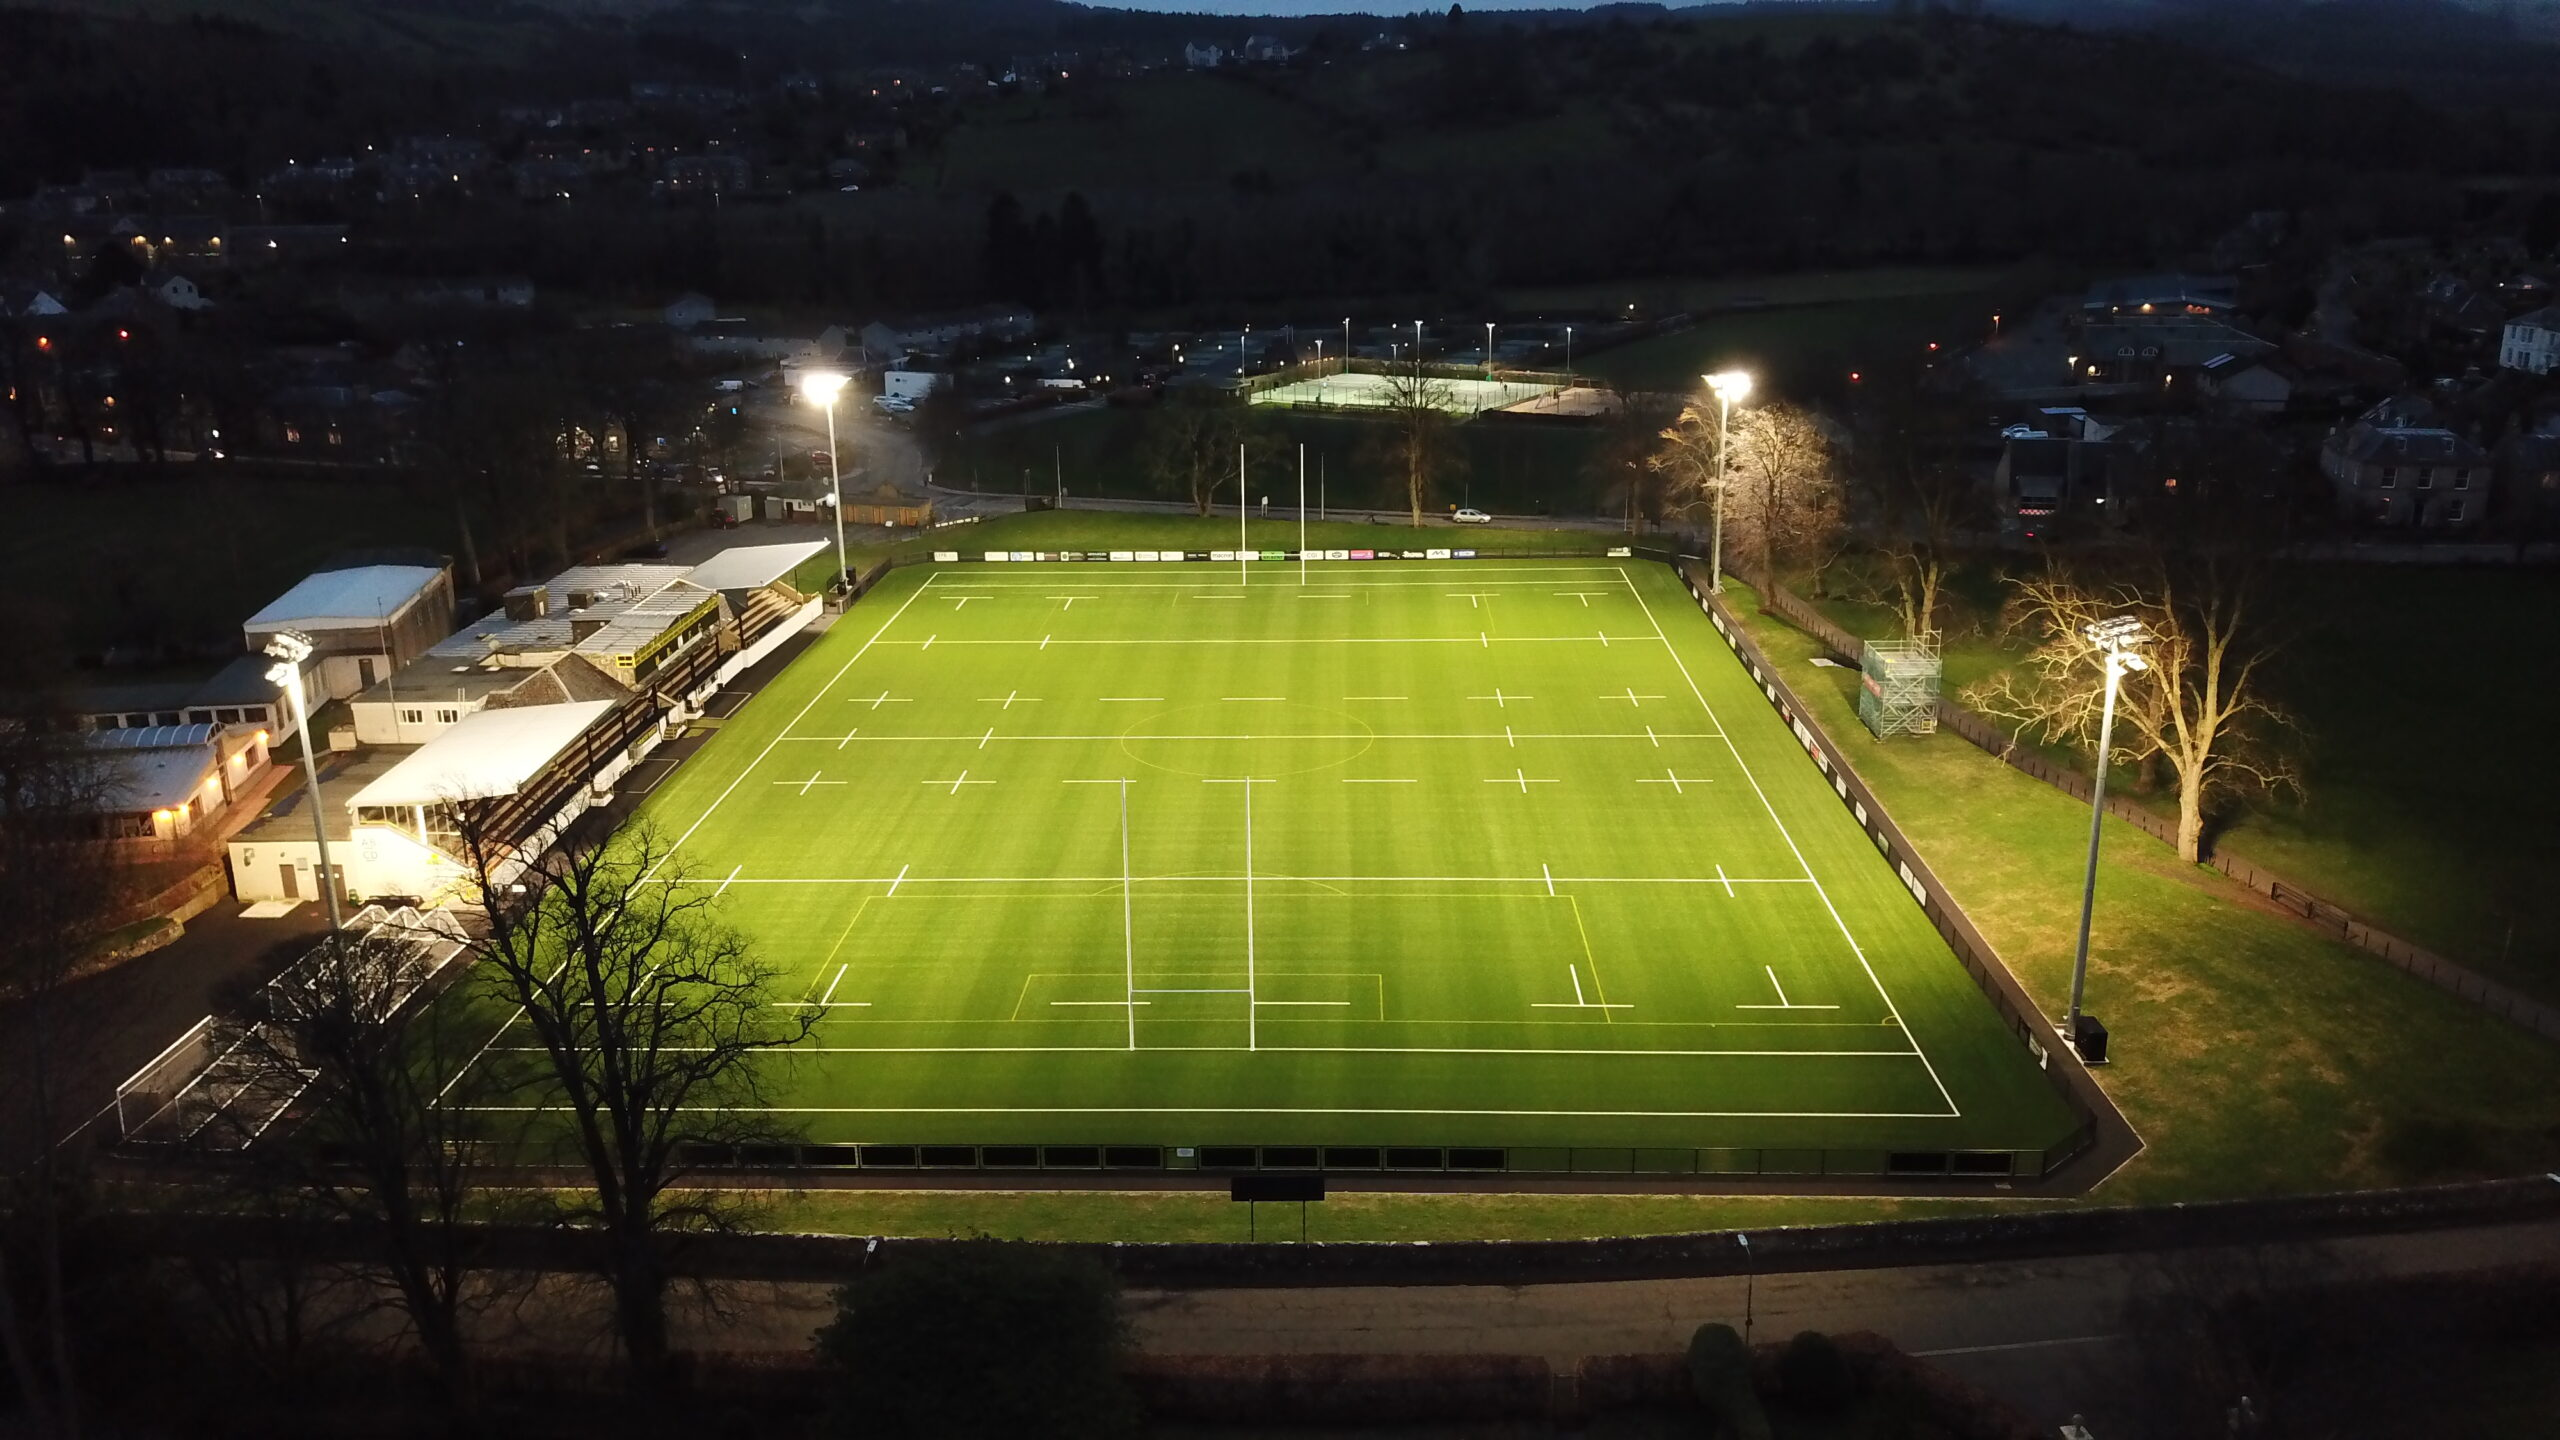 melrose rugby 3g floodlit